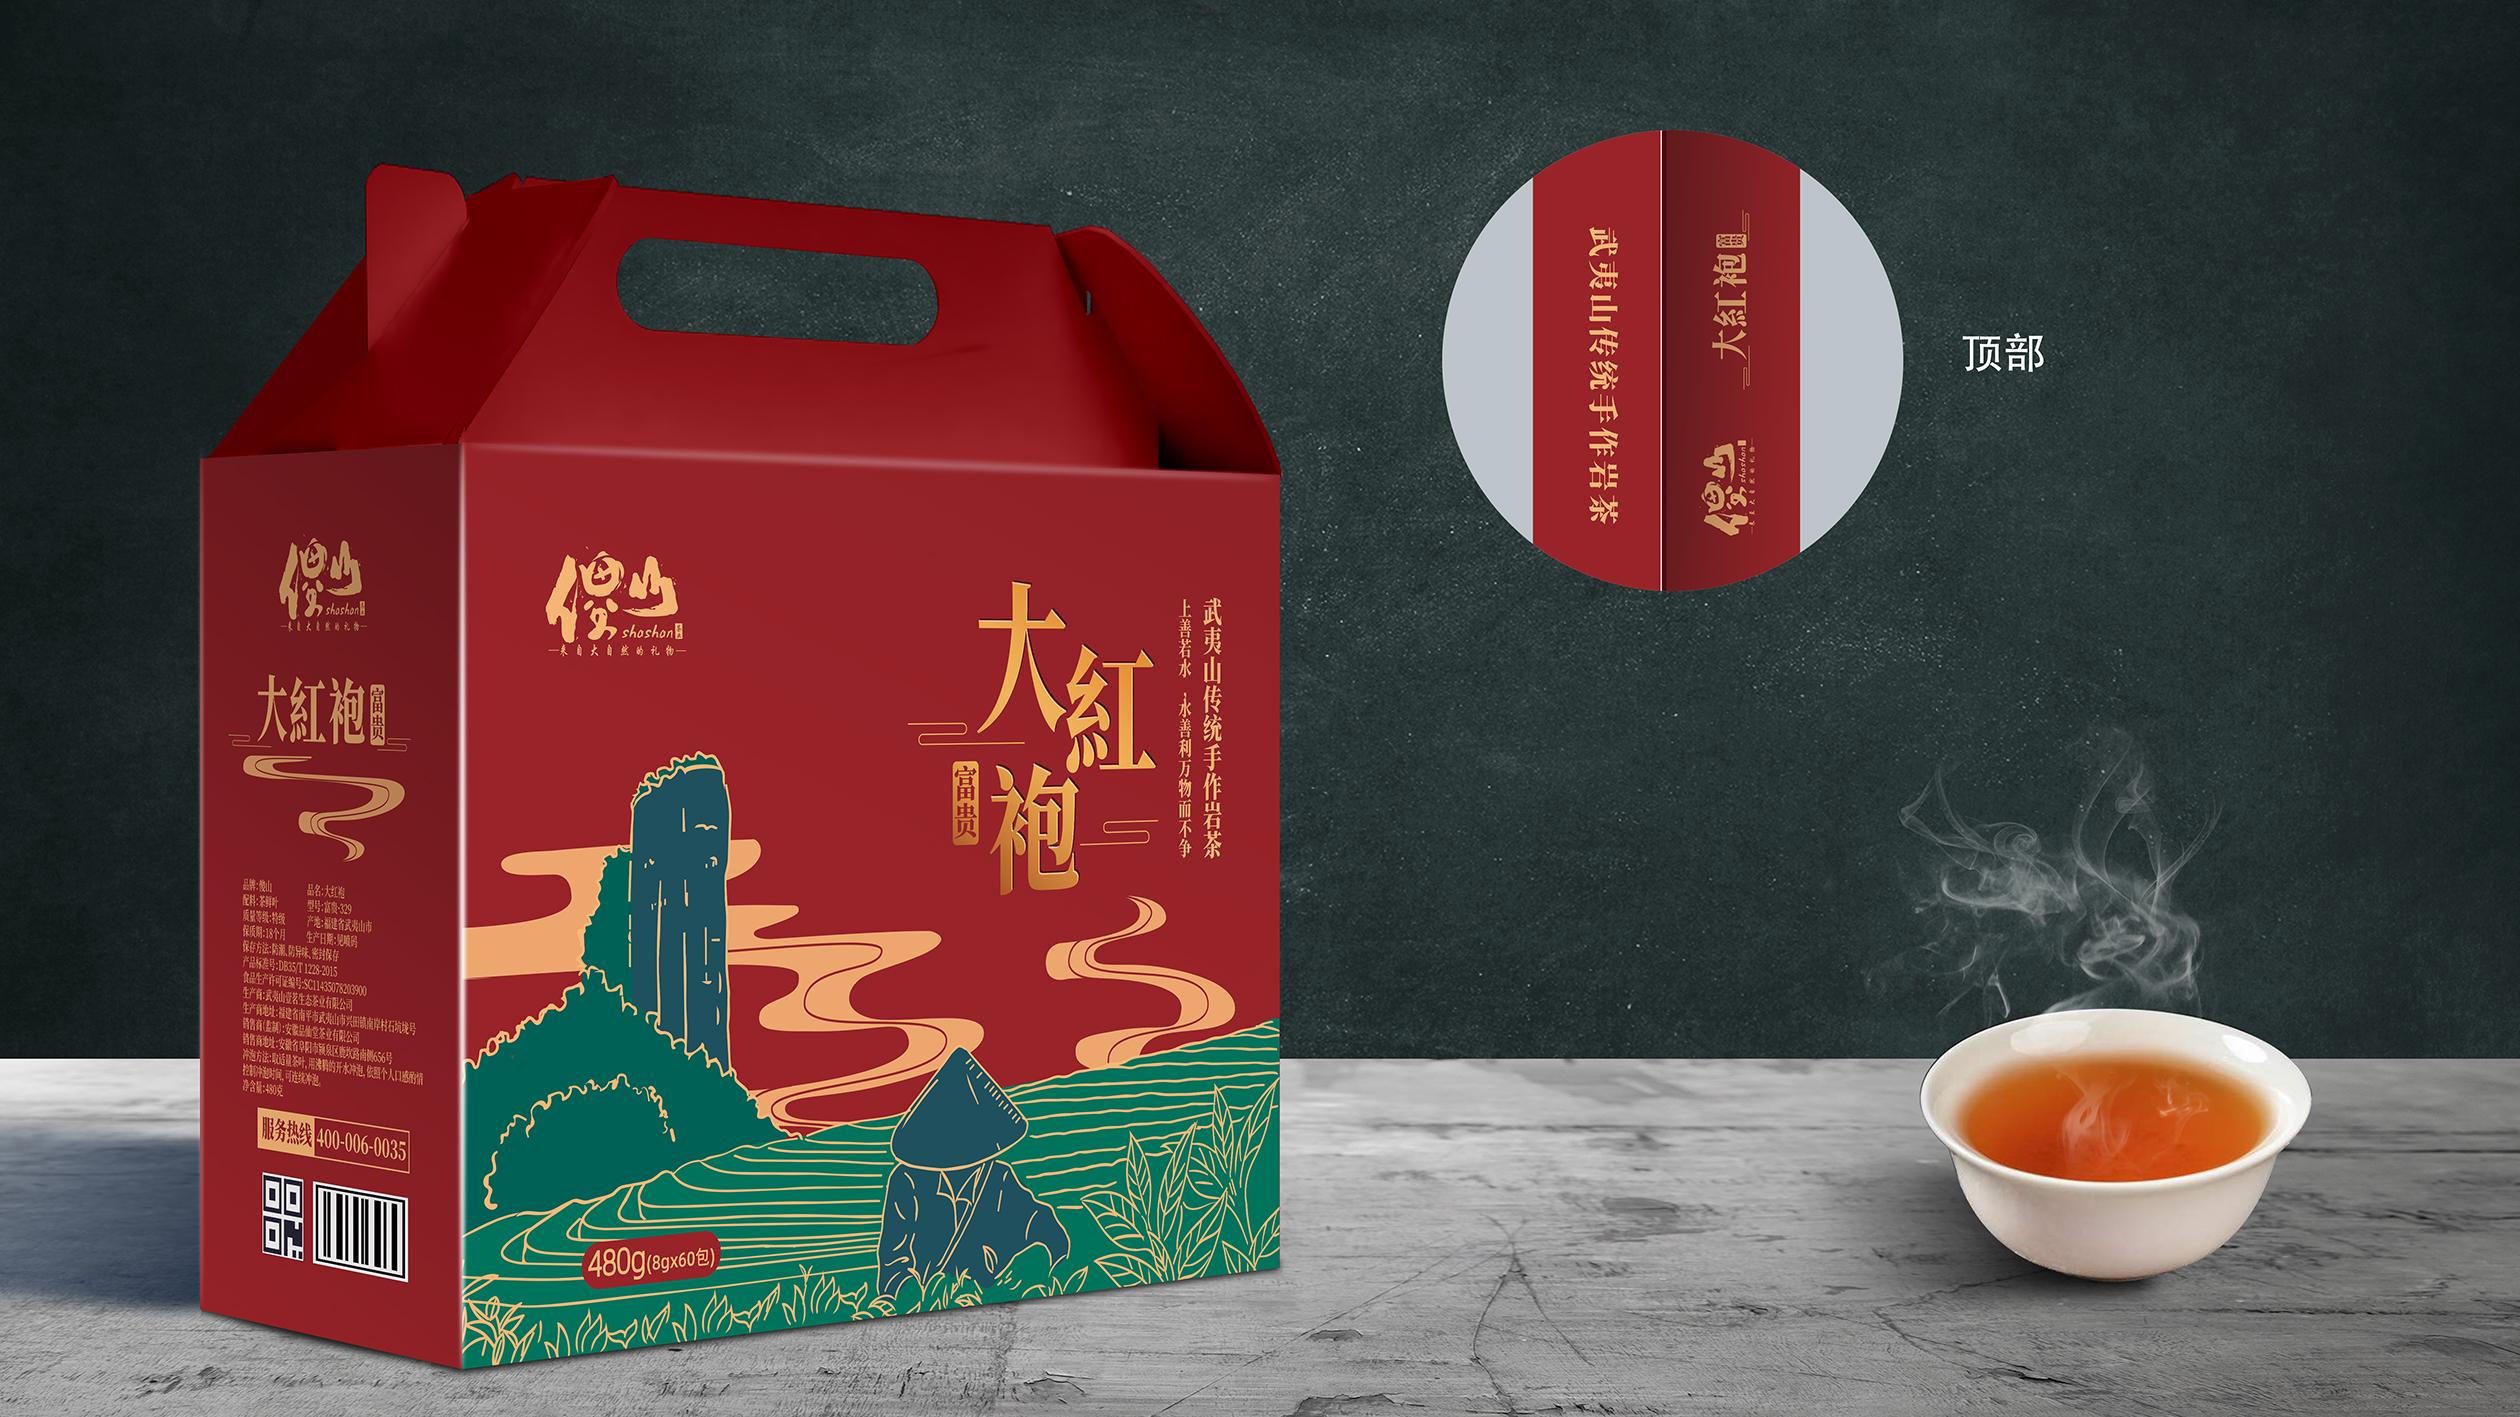 傻山茶品牌包装设计